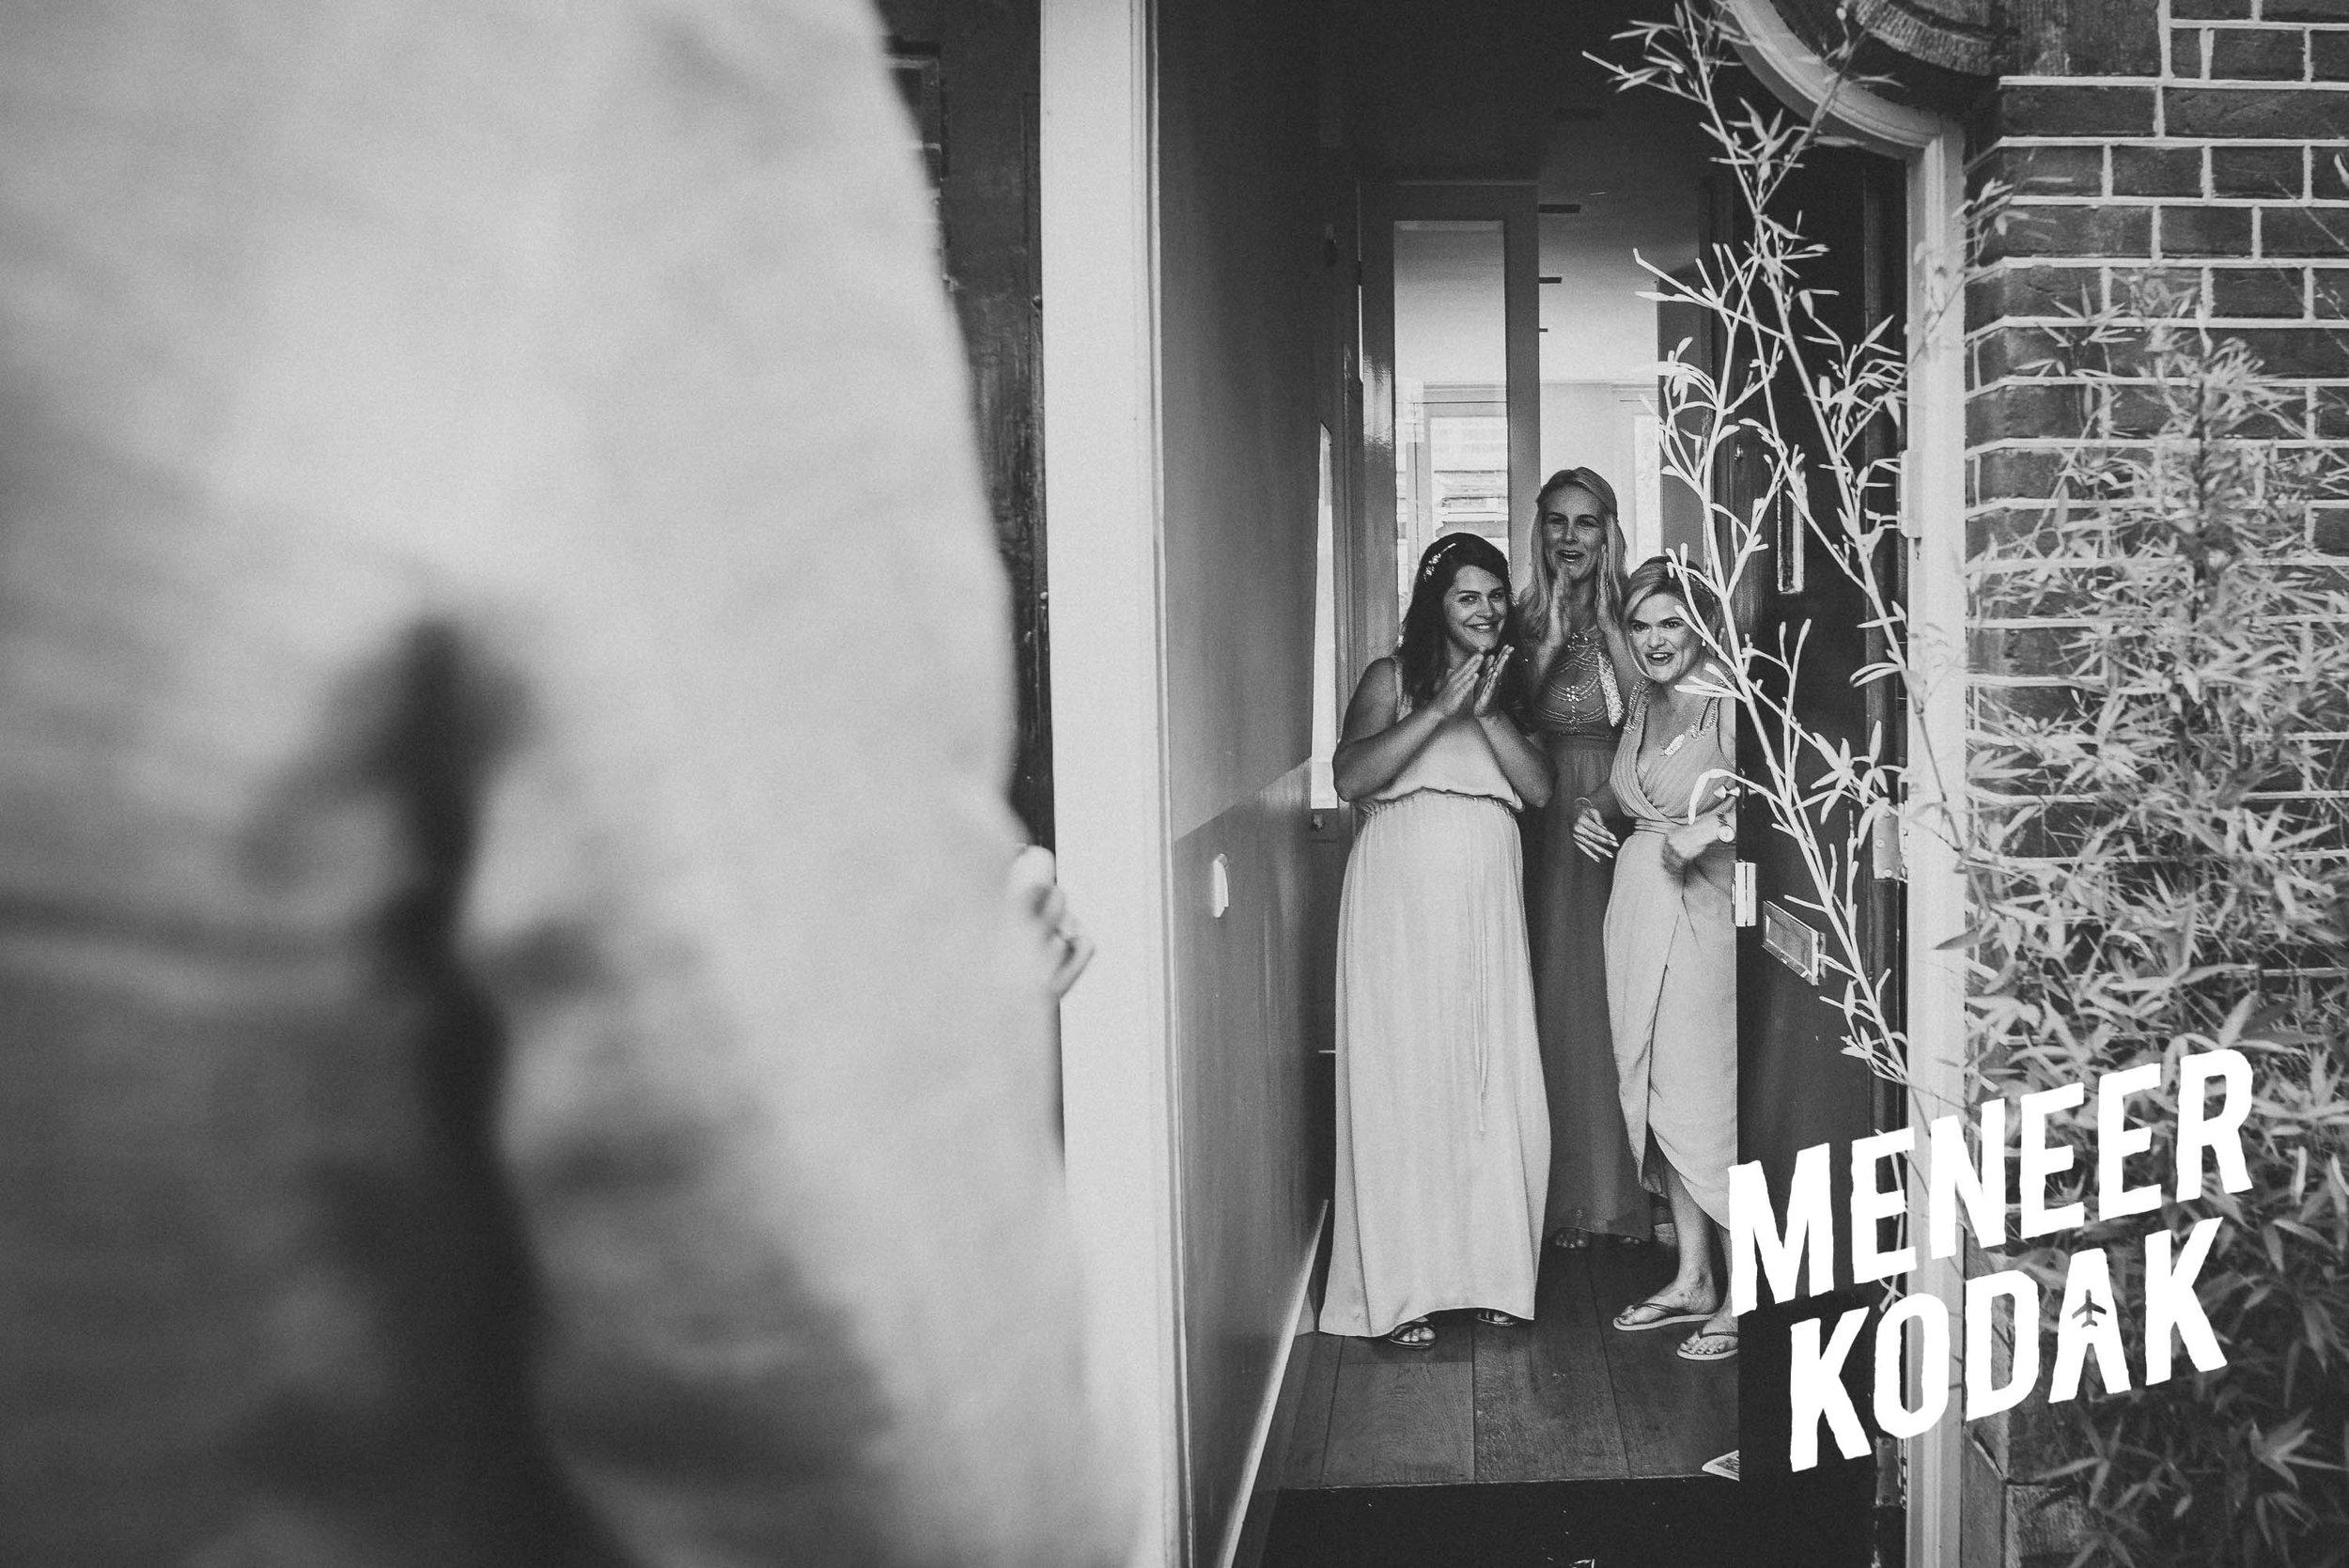 Meneer Kodak - Trouwfotograaf - Amsterdam - H&T-036.jpg